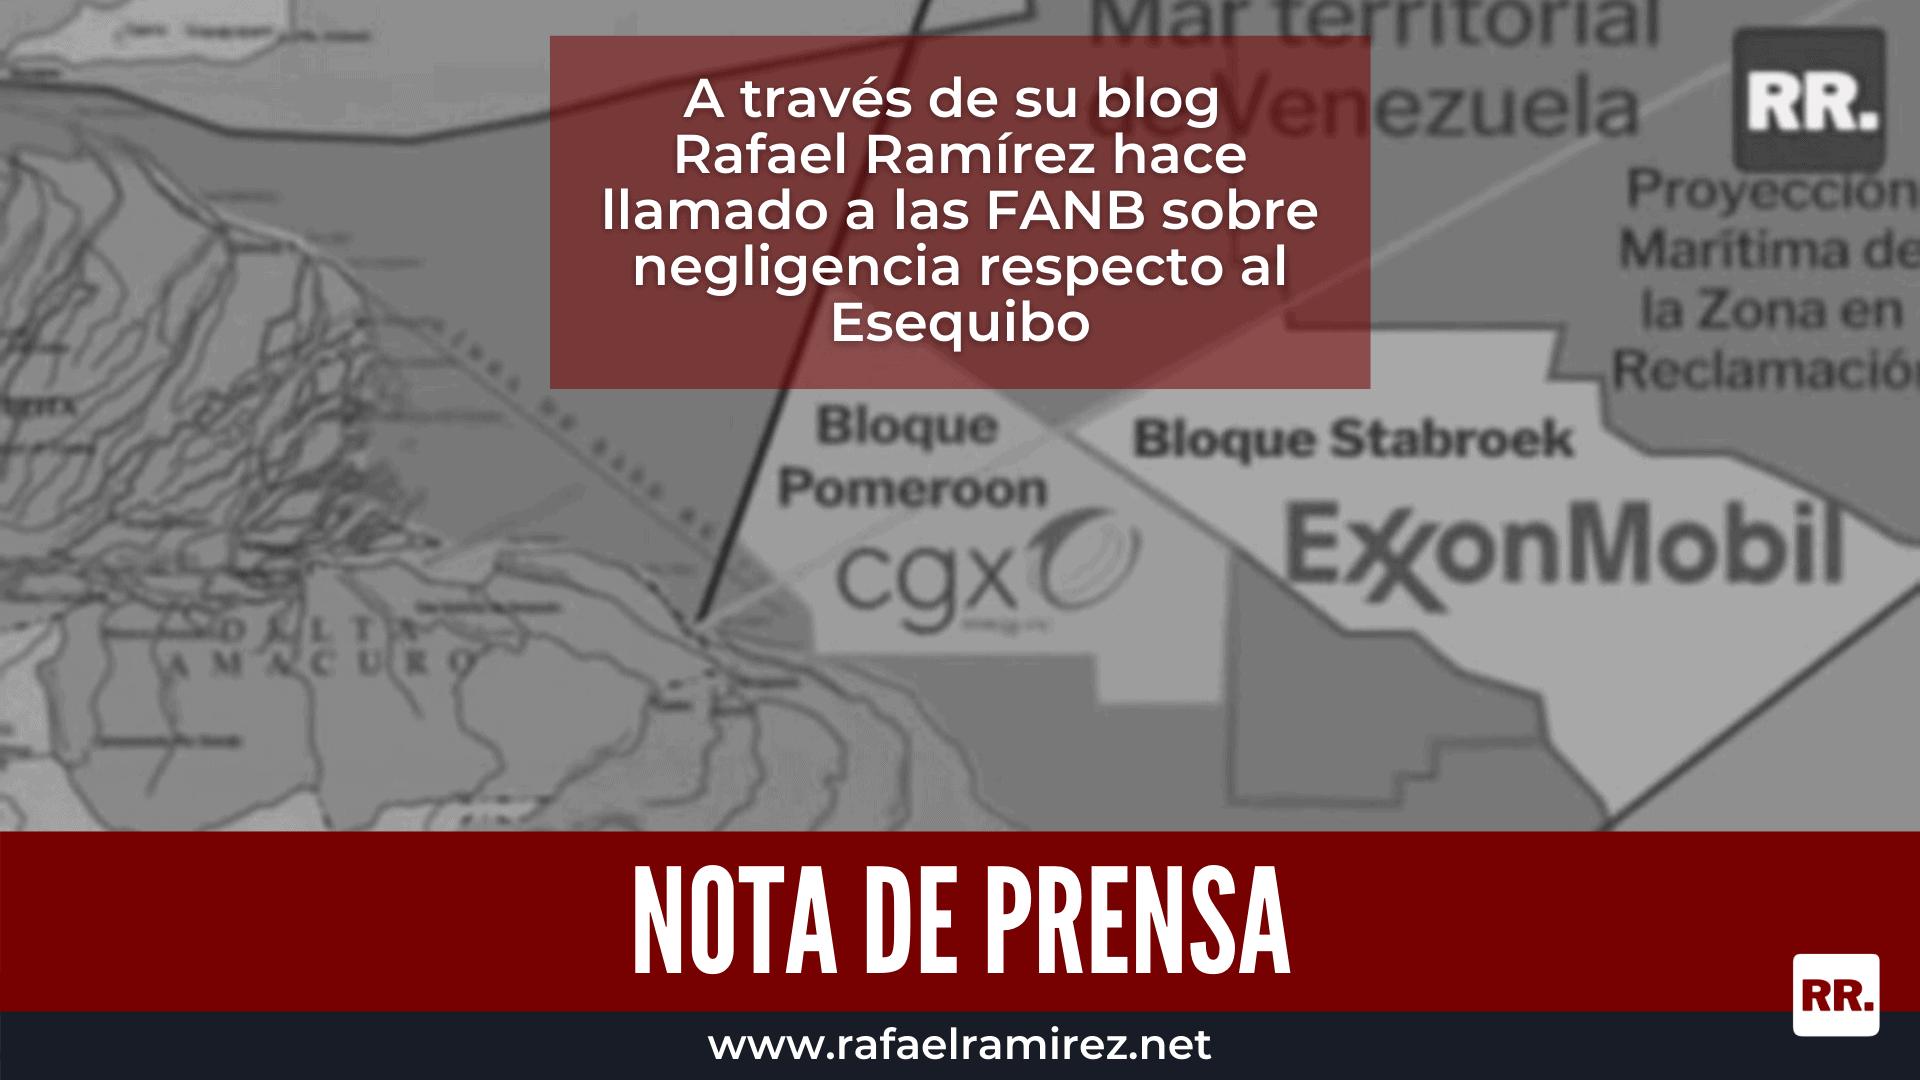 Rafael Ramírez hace llamado a las FANB sobre negligencia respecto al Esequibo